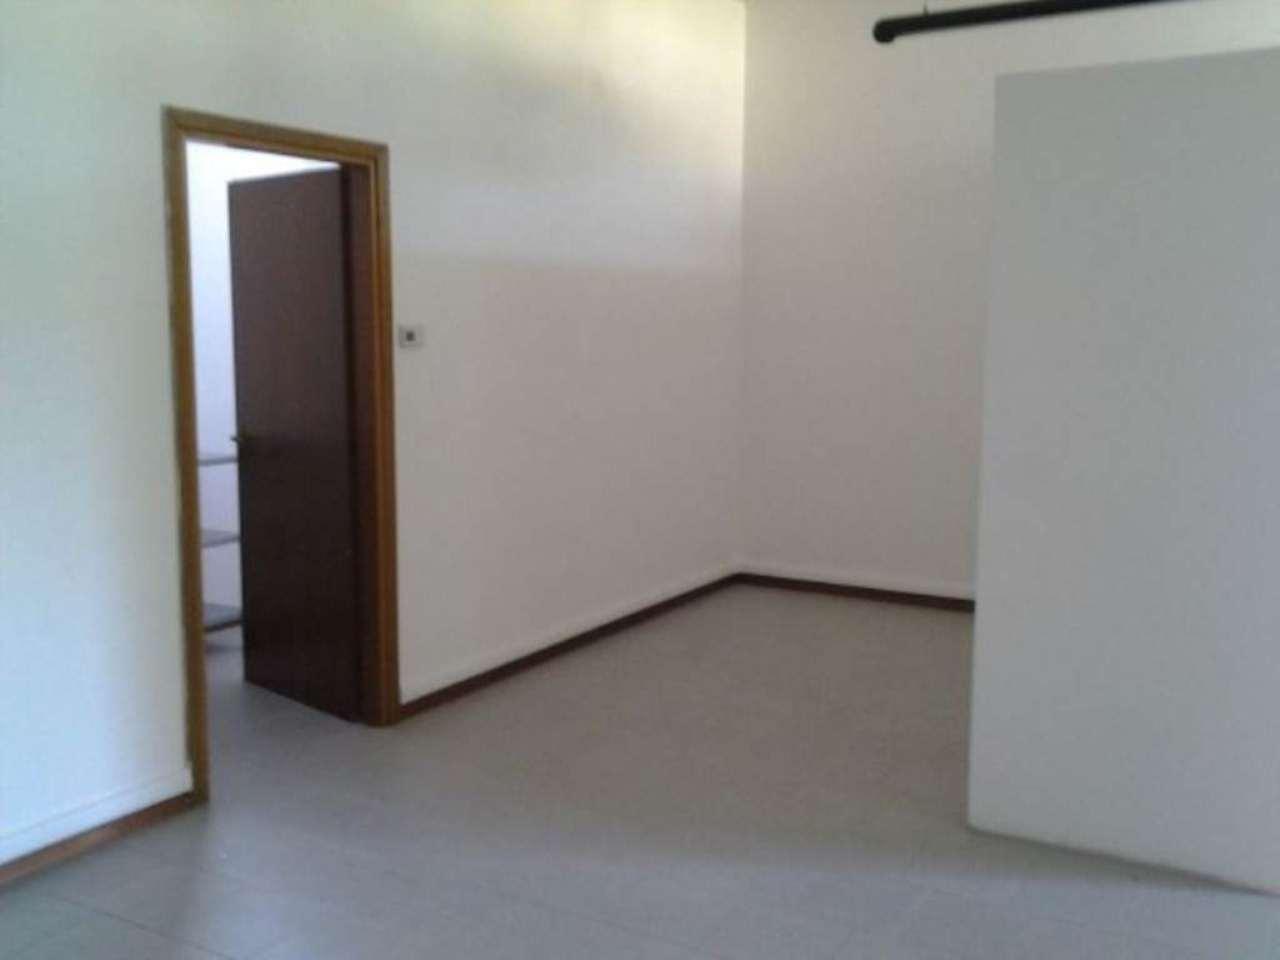 Ufficio / Studio in affitto a Molteno, 2 locali, prezzo € 500 | Cambio Casa.it